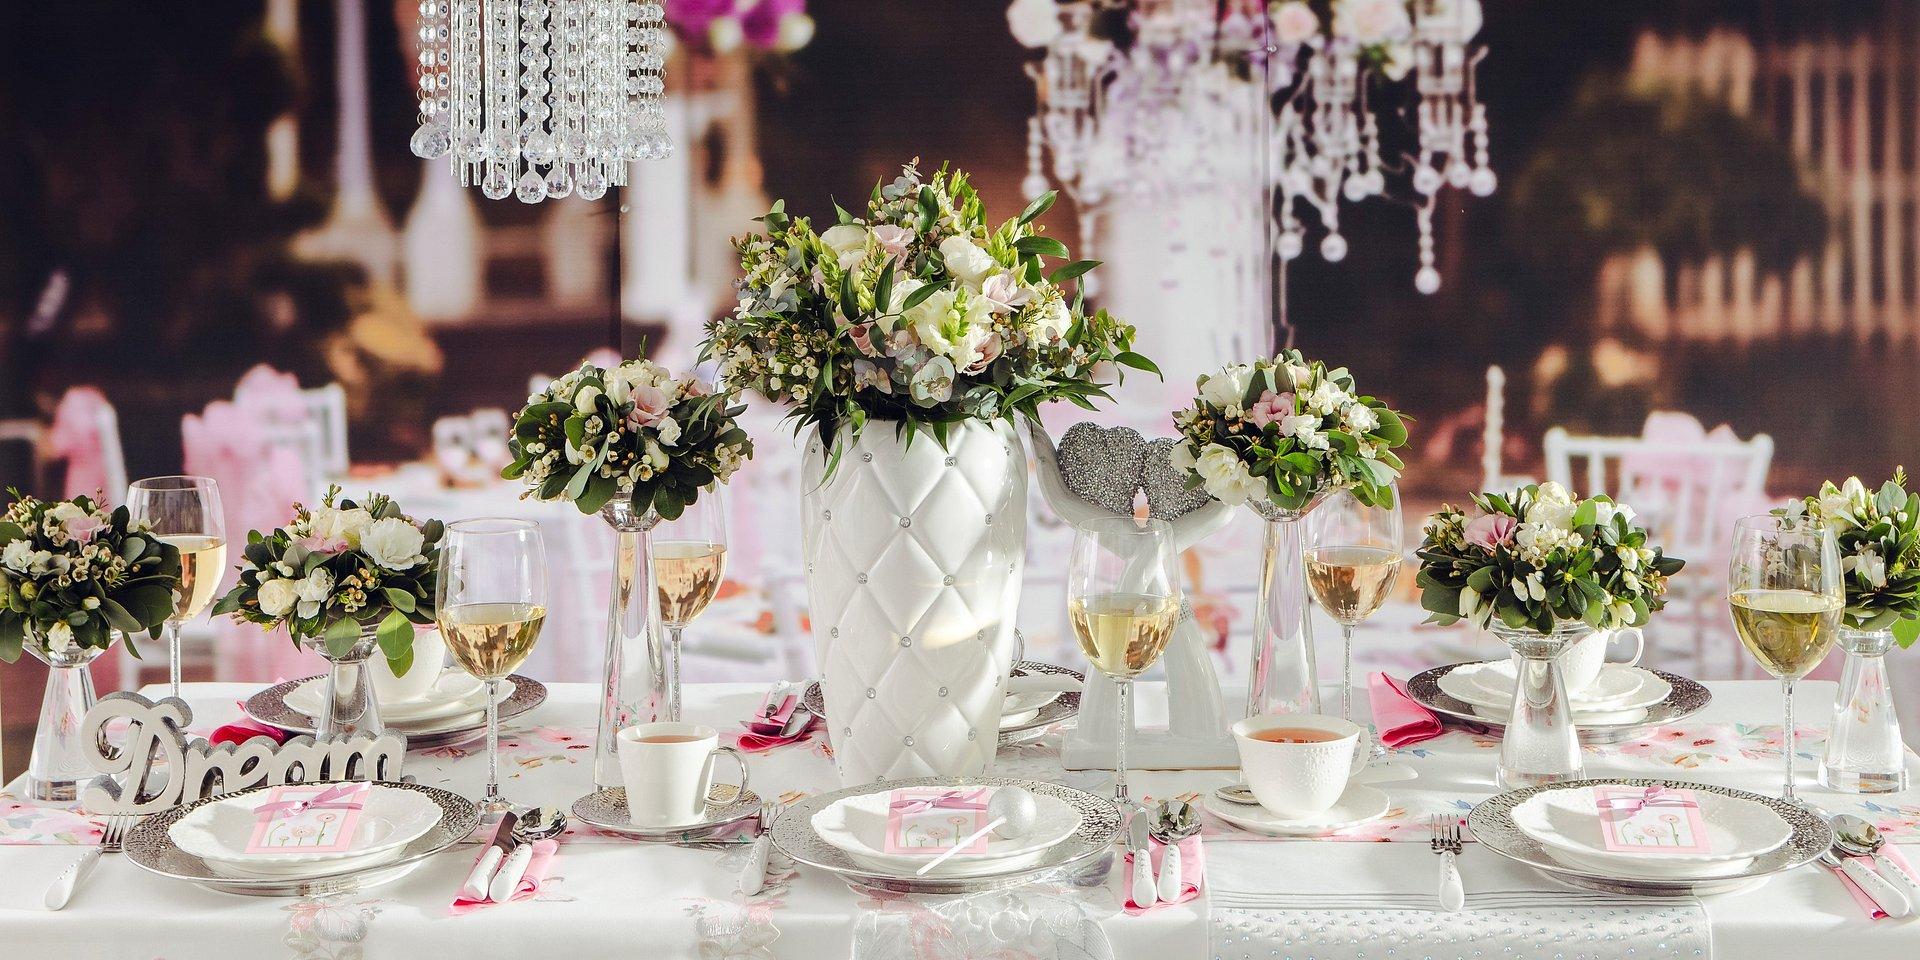 Ślub na głowie - wyjątkowe dekoracje stołu weselnego